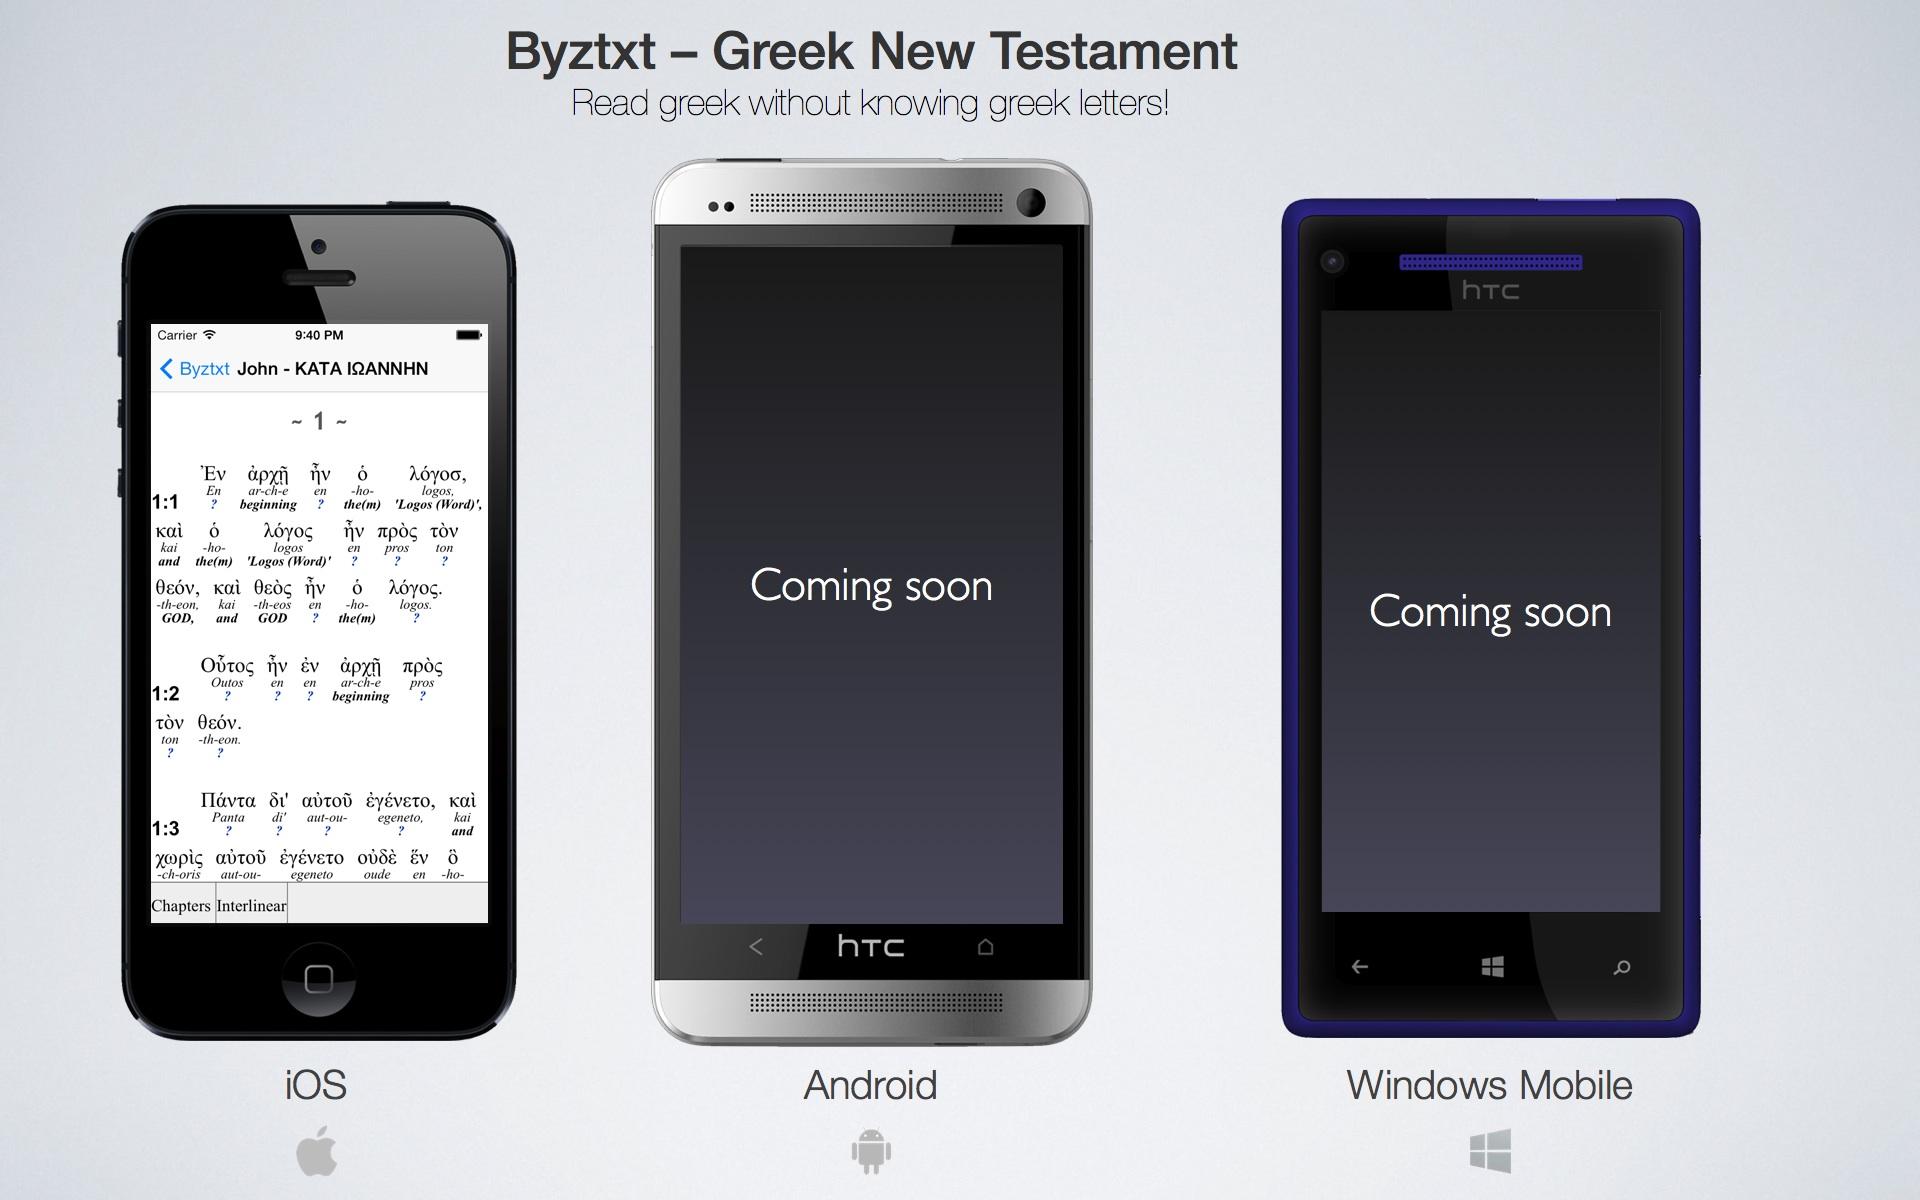 Byztxt - Greek New Testament